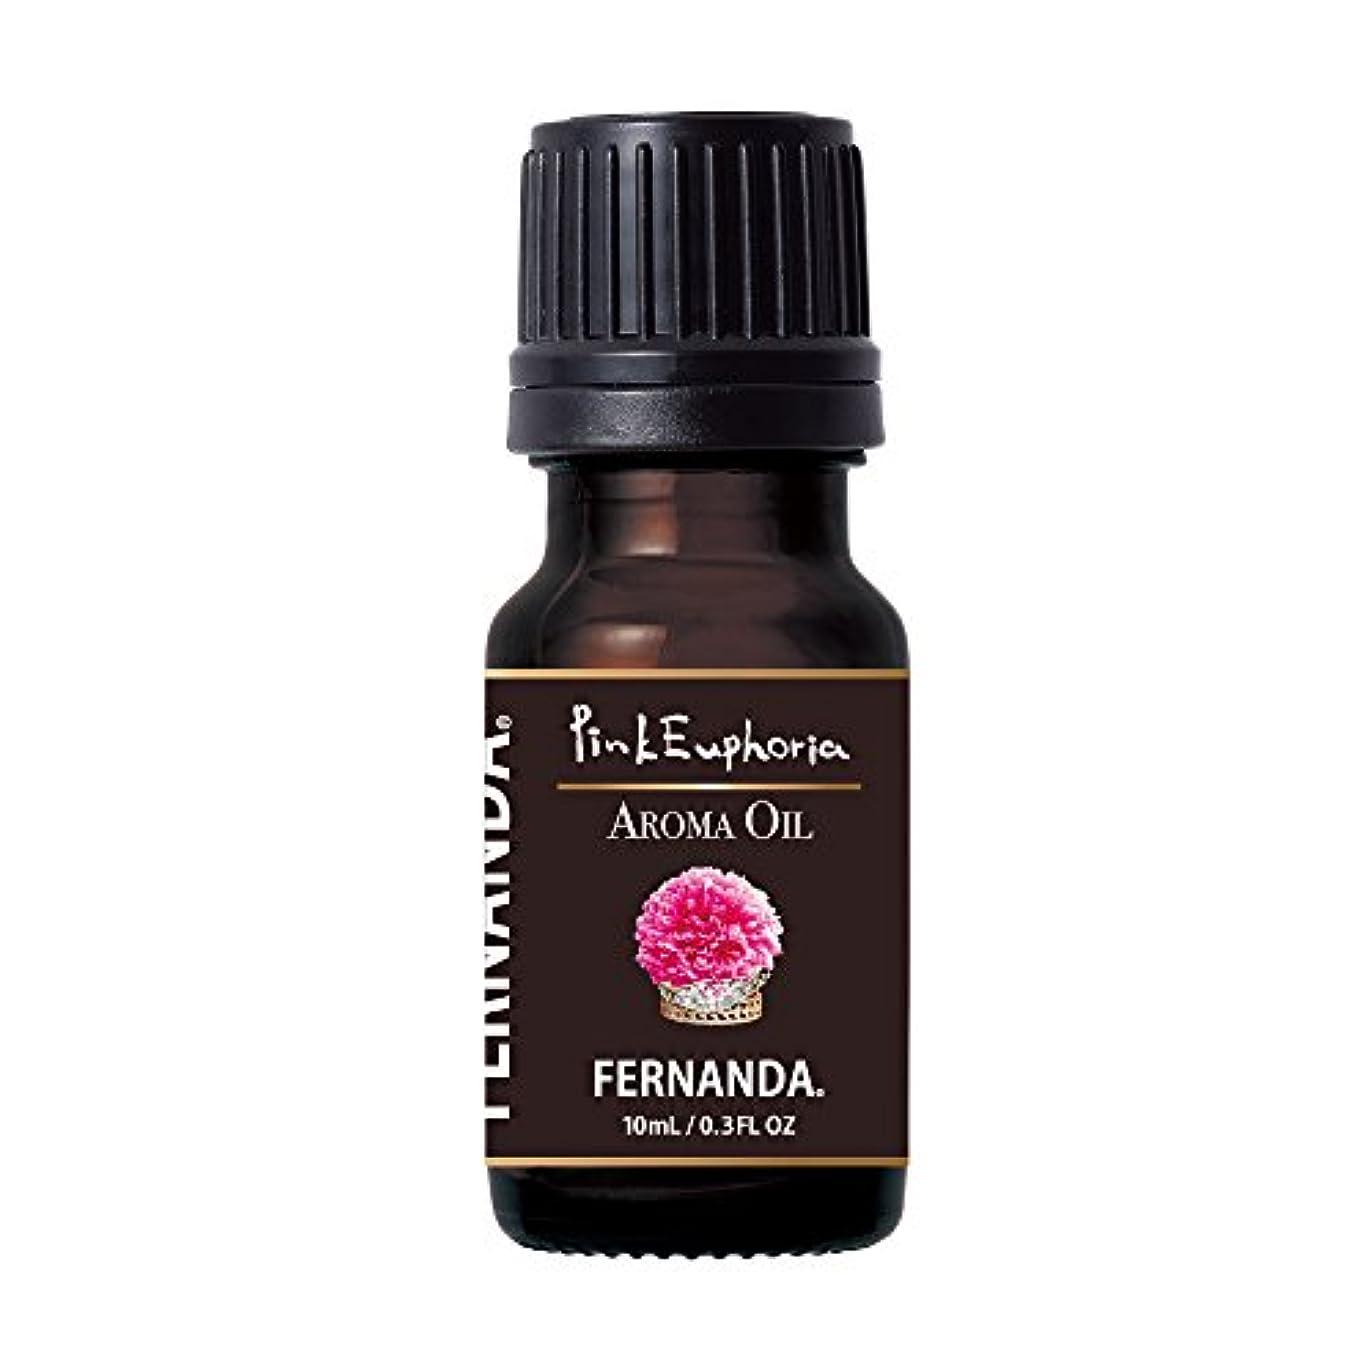 口ひげ平等先例FERNANDA(フェルナンダ) Fragrance Aroma Oil Pink Euphoria (アロマオイル ピンクエウフォリア)